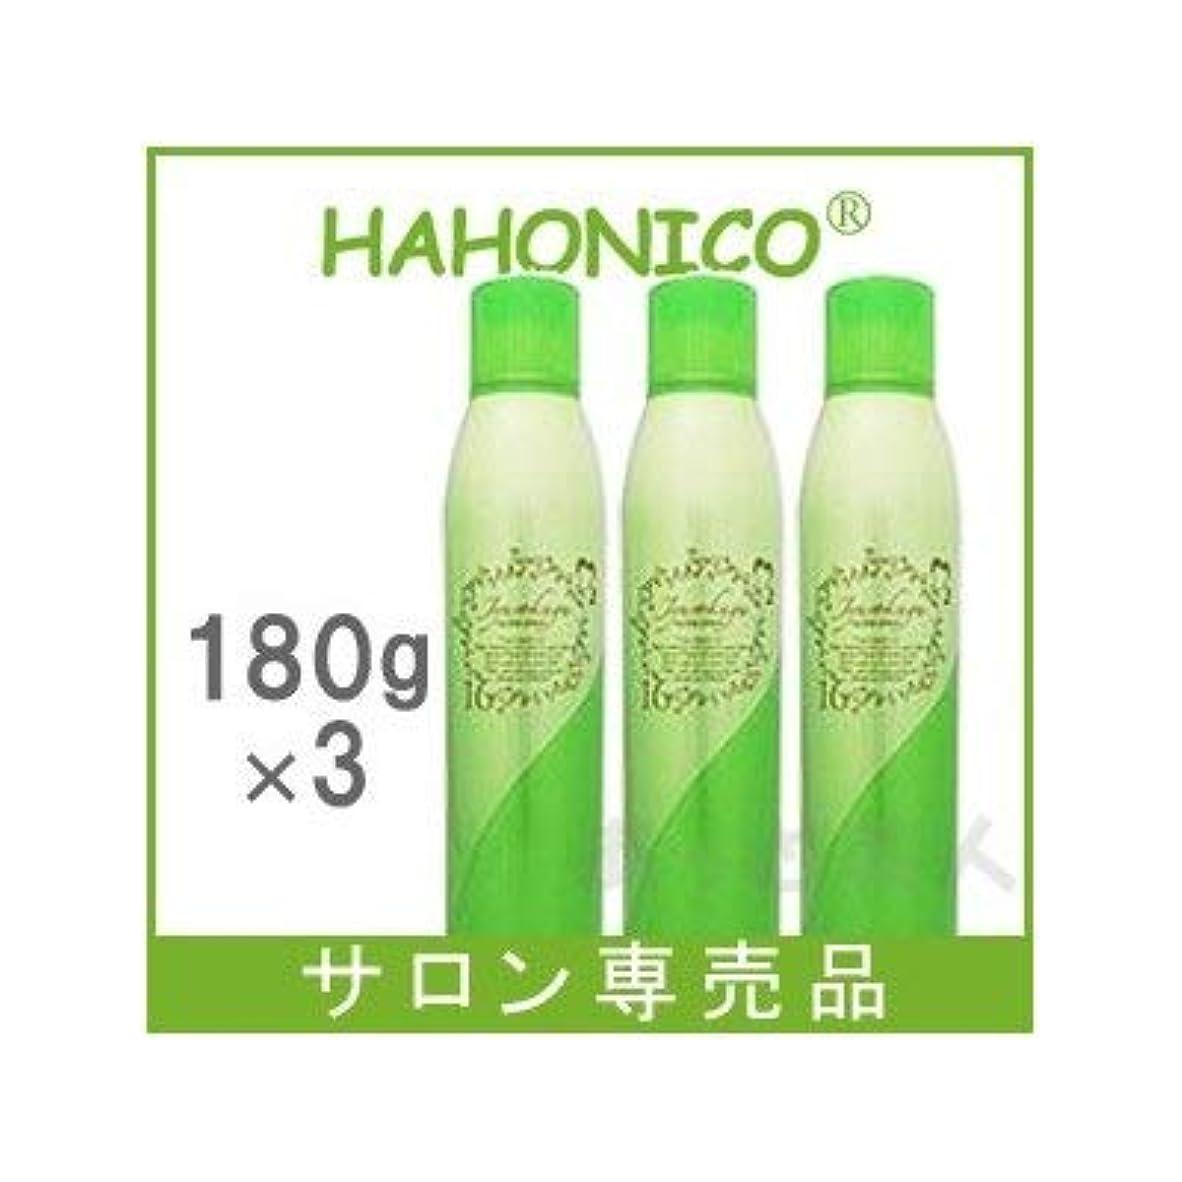 貝殻嬉しいです命令的【X3個セット】 ハホニコ ジュウロクユ ツヤスプレー 180g 十六油 HAHONICO